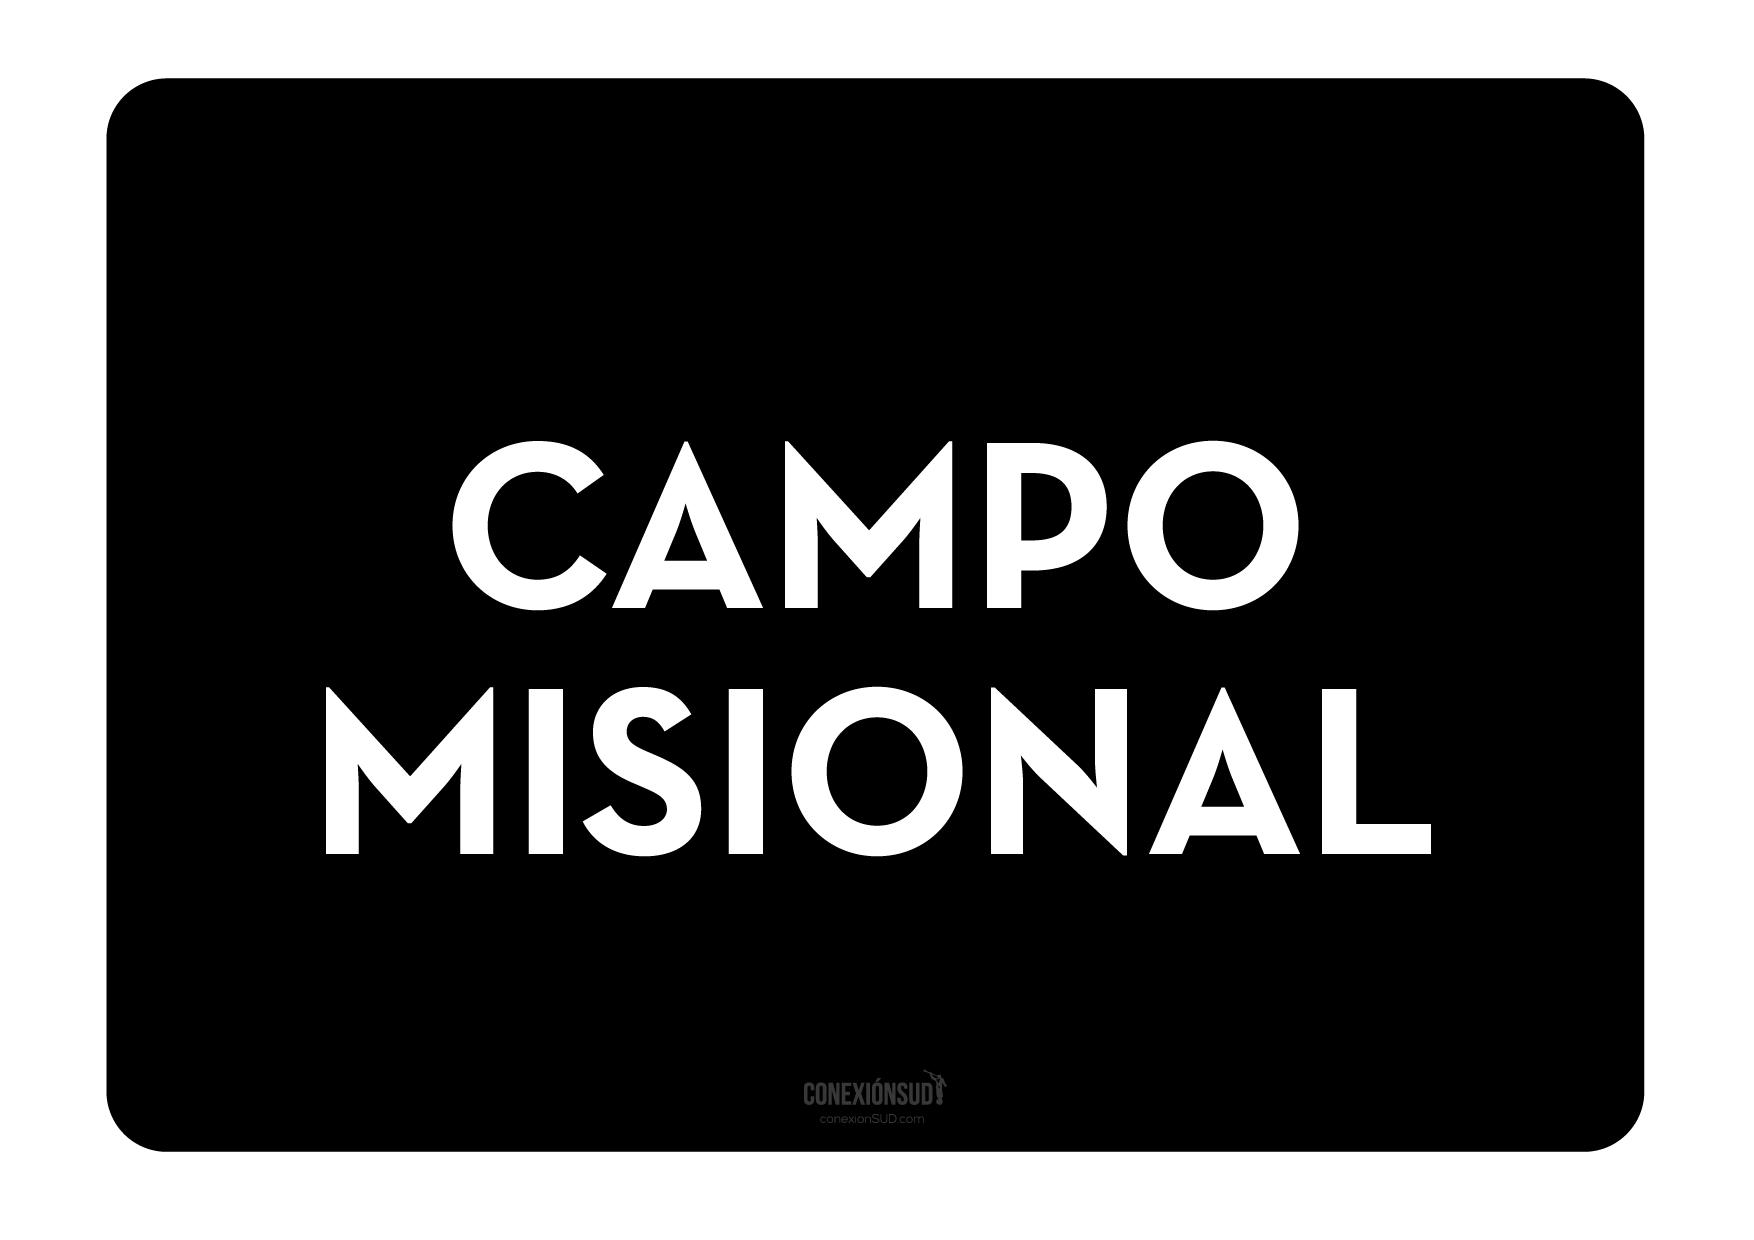 misionero por un dia - campo misional_ConexionSUD-04